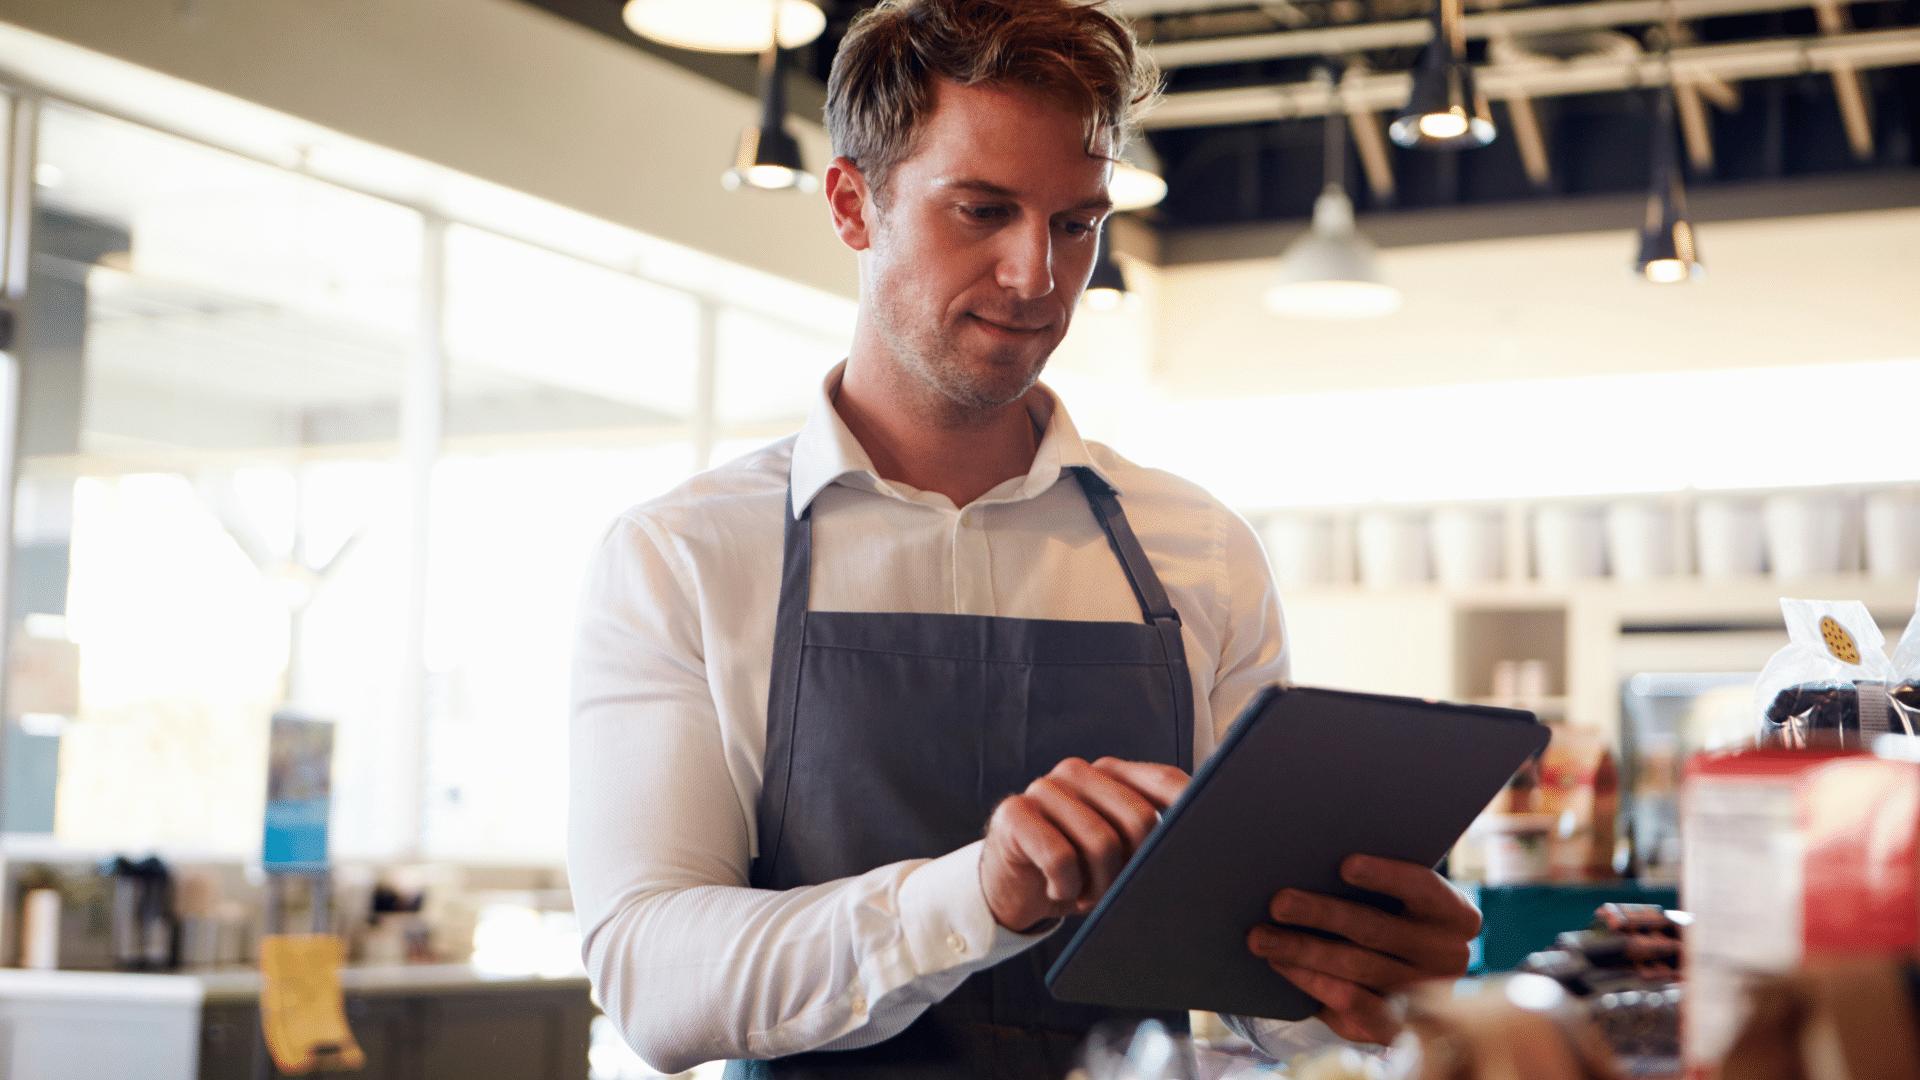 Expérience client en boutique - aide à la recherche de produit avec tablette tactile